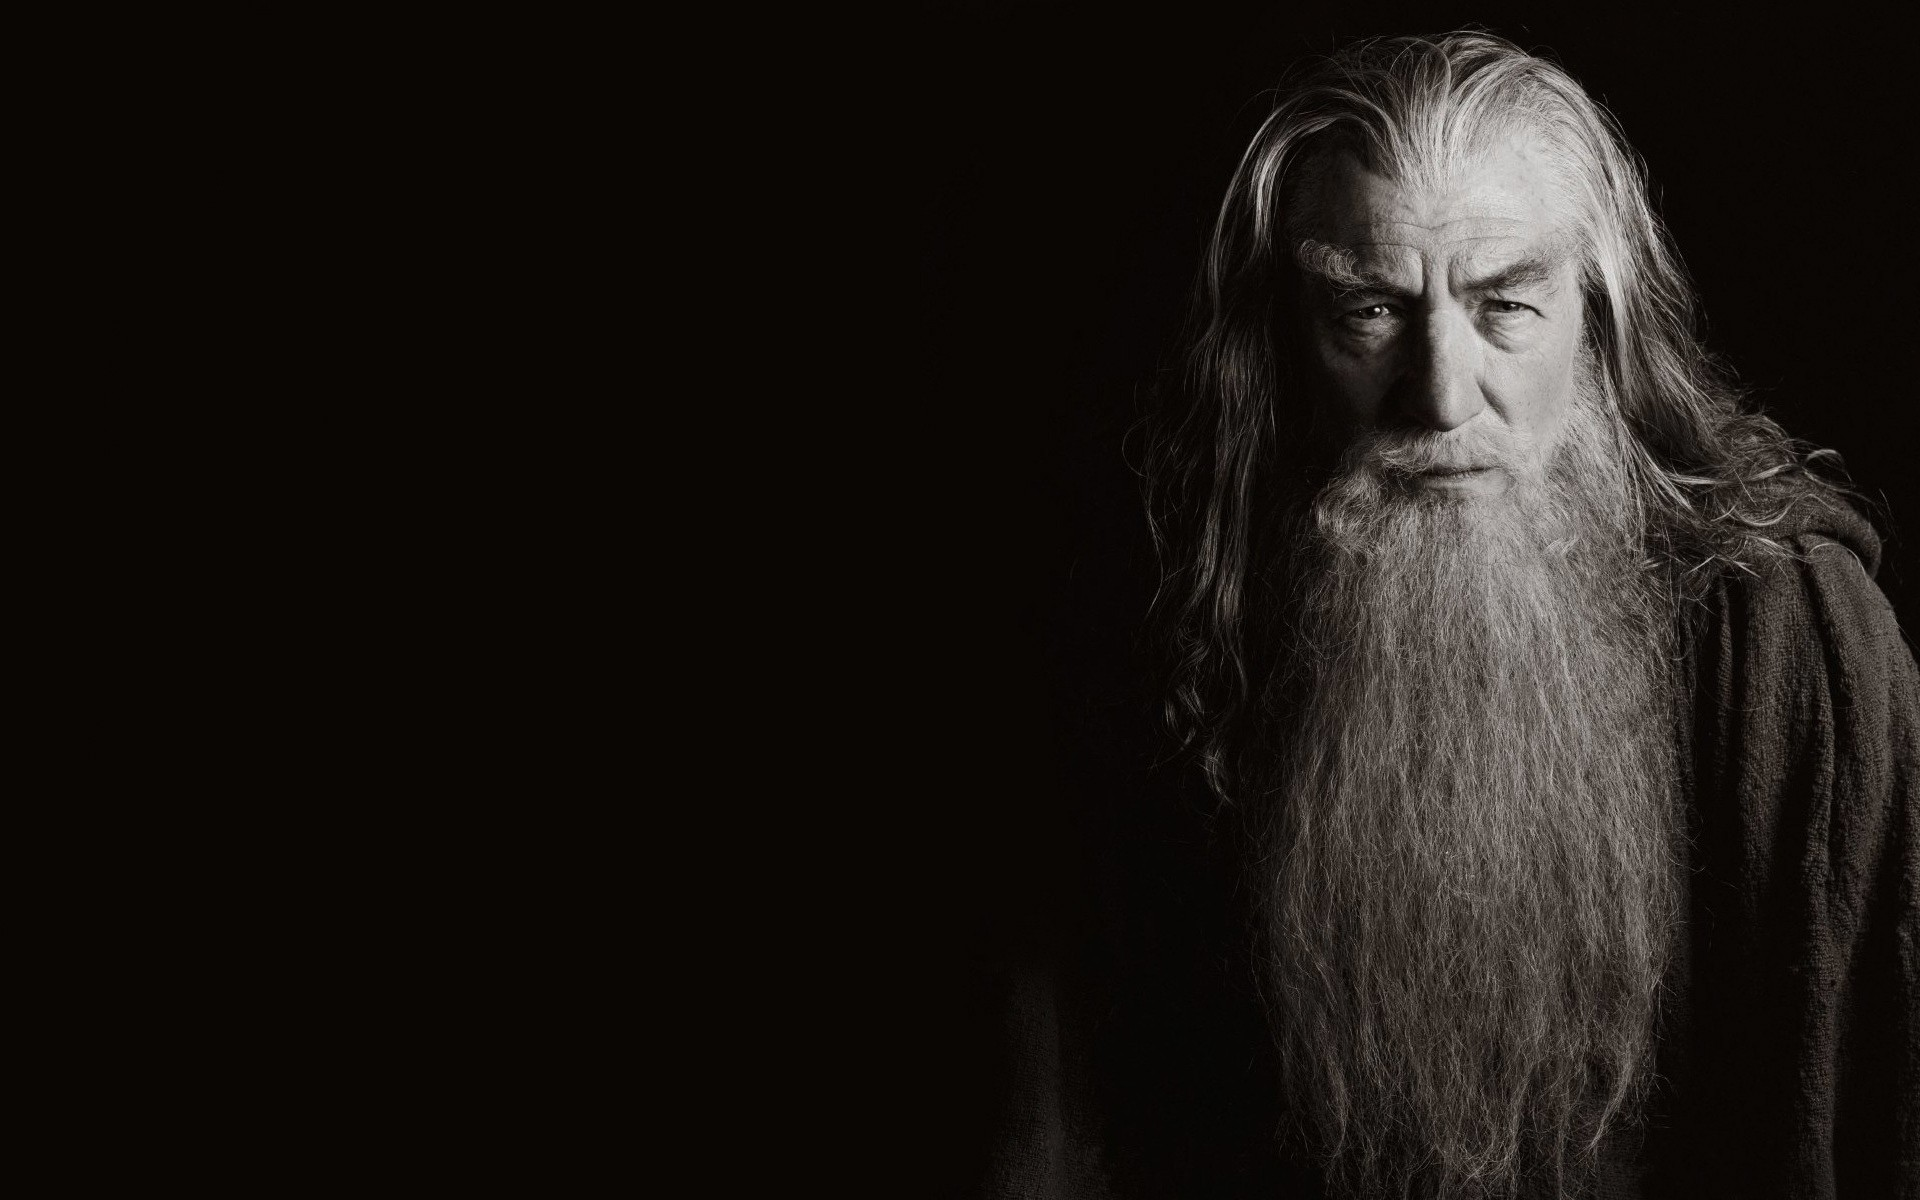 Hauptseite Filme HD Hintergrundbilder Gandalf der Herr der Ringe 1920x1200